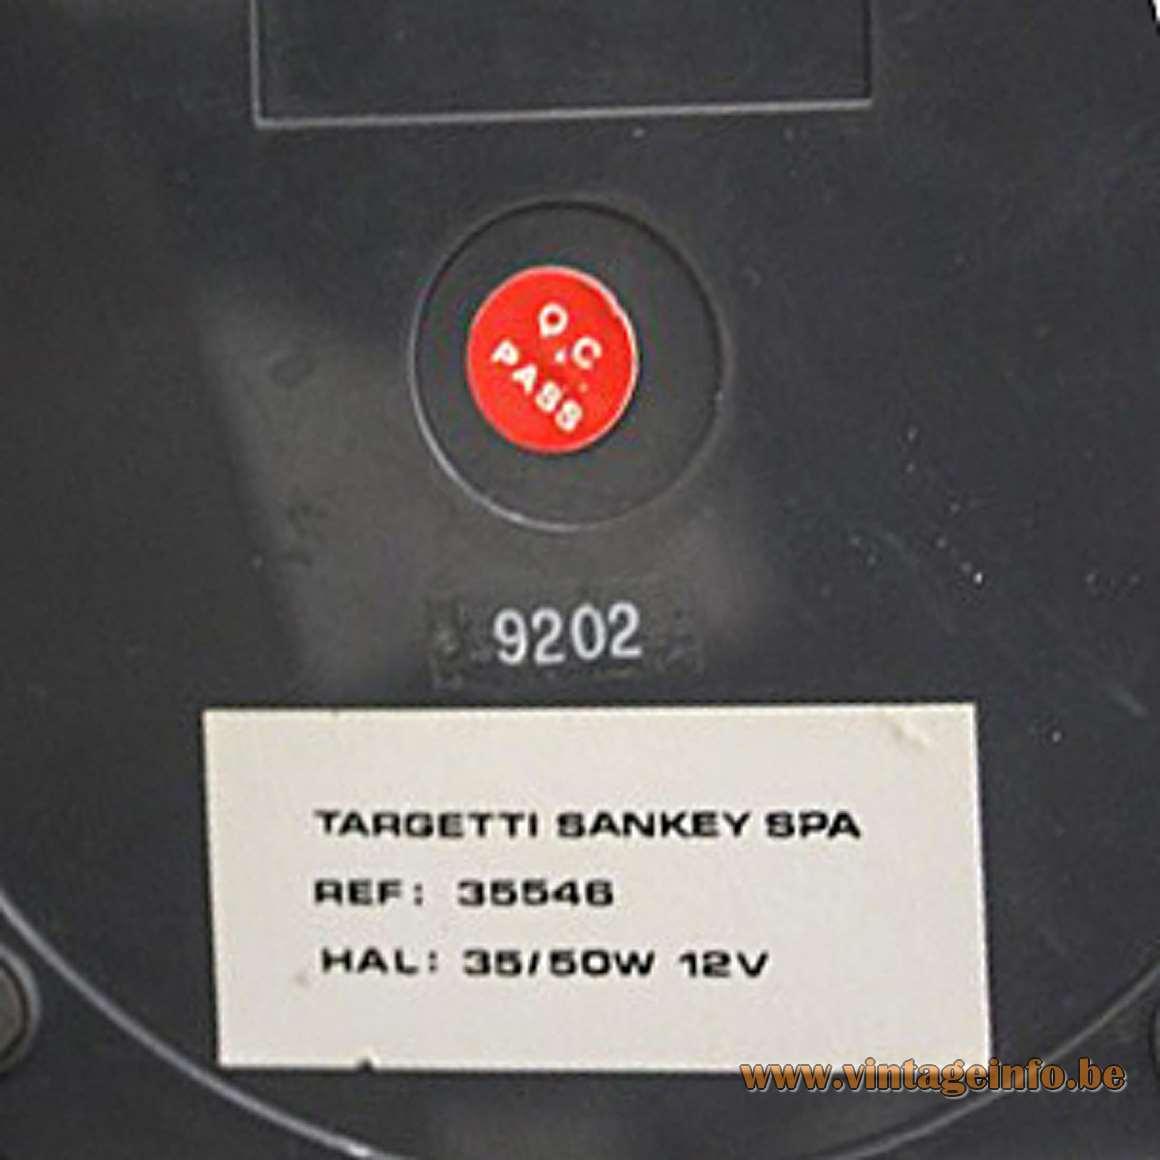 E Lite Lugano Desk Lamp - Targetti Sankey label